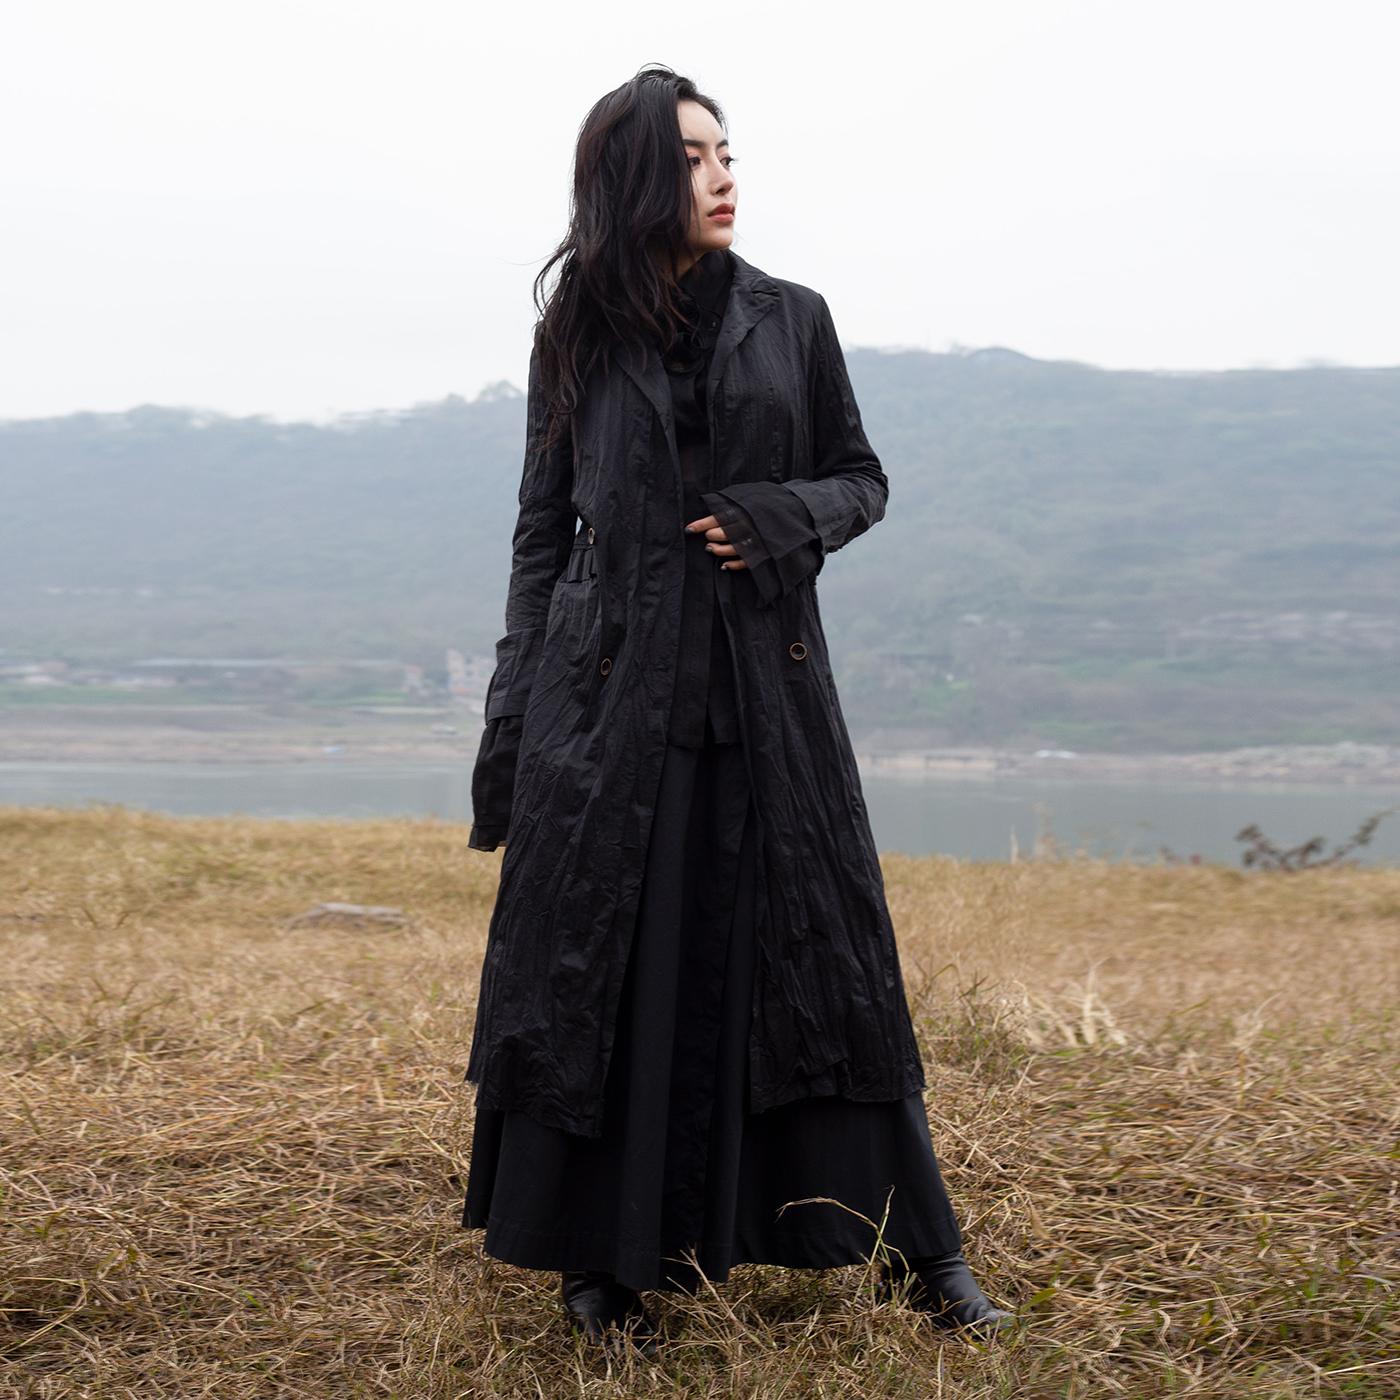 中长款风衣外套 SIMPLE BLACK 春季ss新款暗黑风金属丝褶皱修身中长款风衣外套女_推荐淘宝好看的女中长款风衣外套